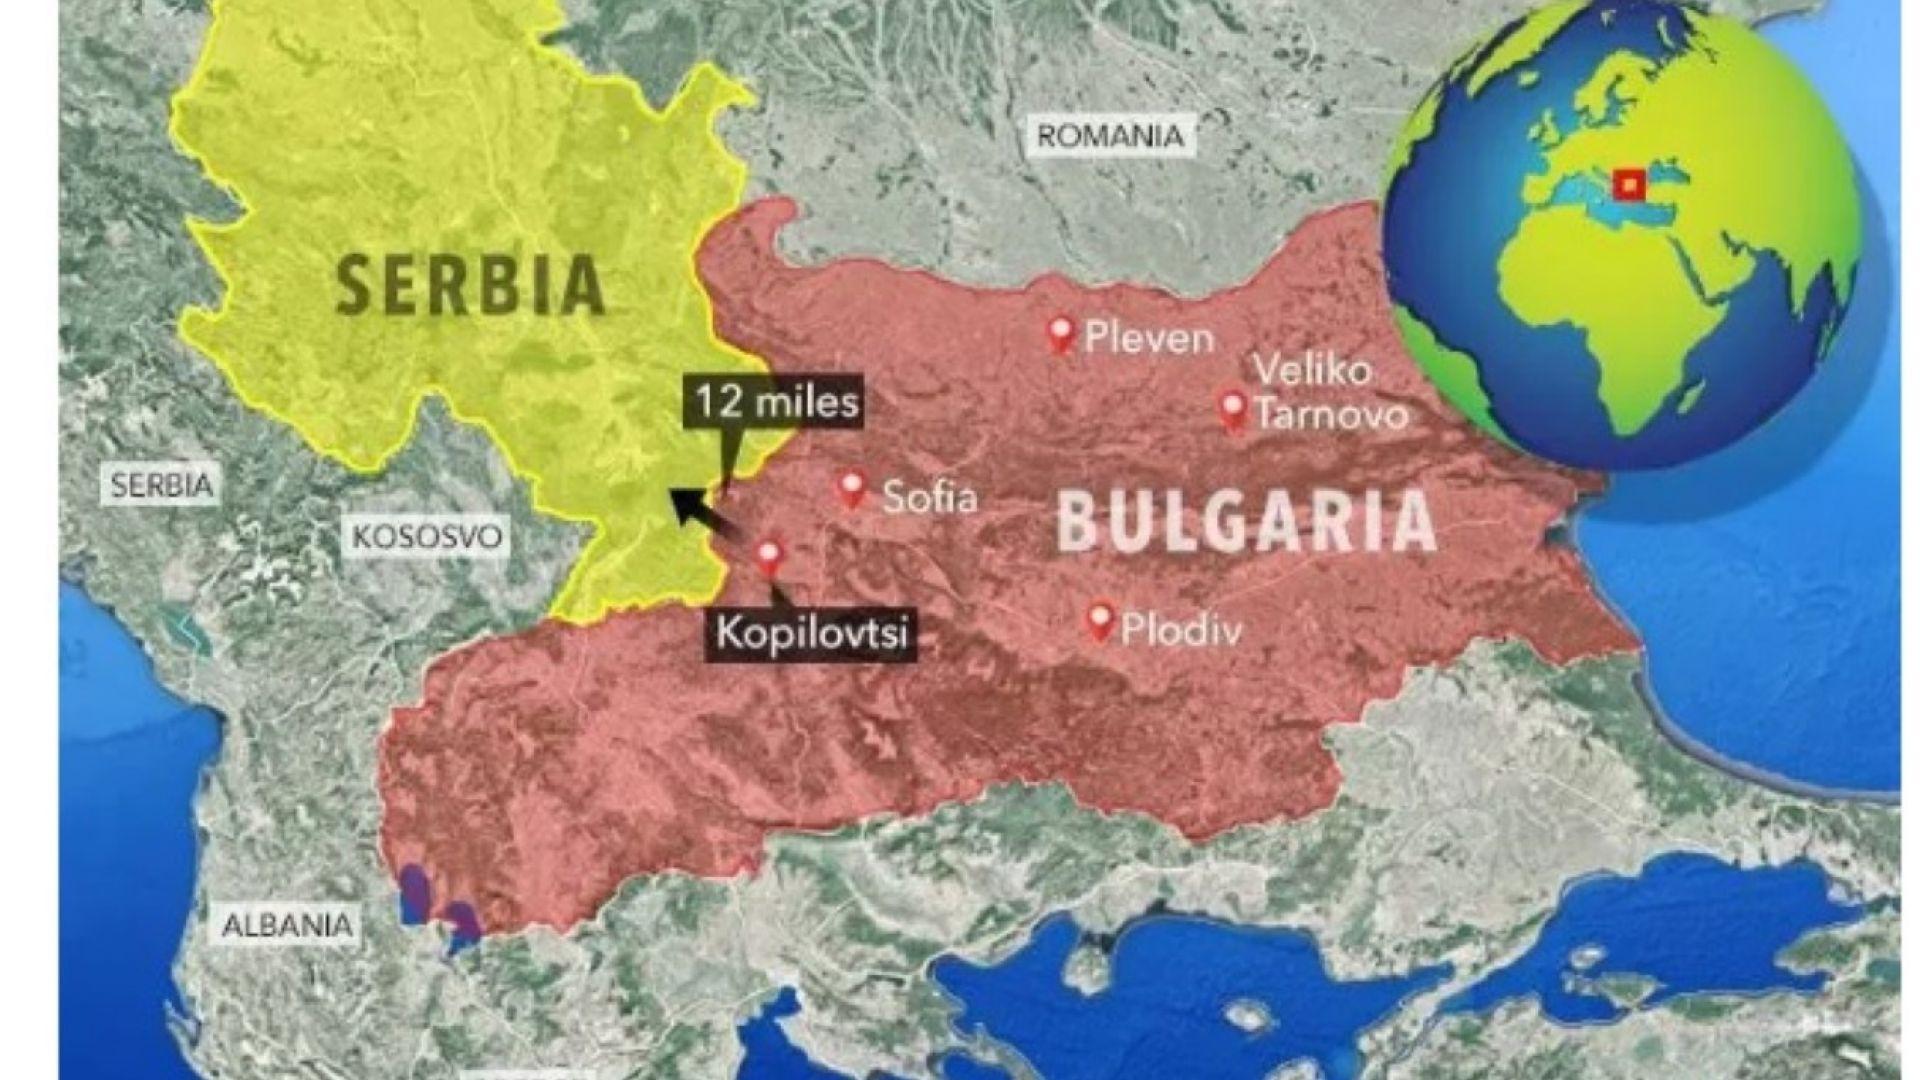 Картата на Сън, според която Македония е българска